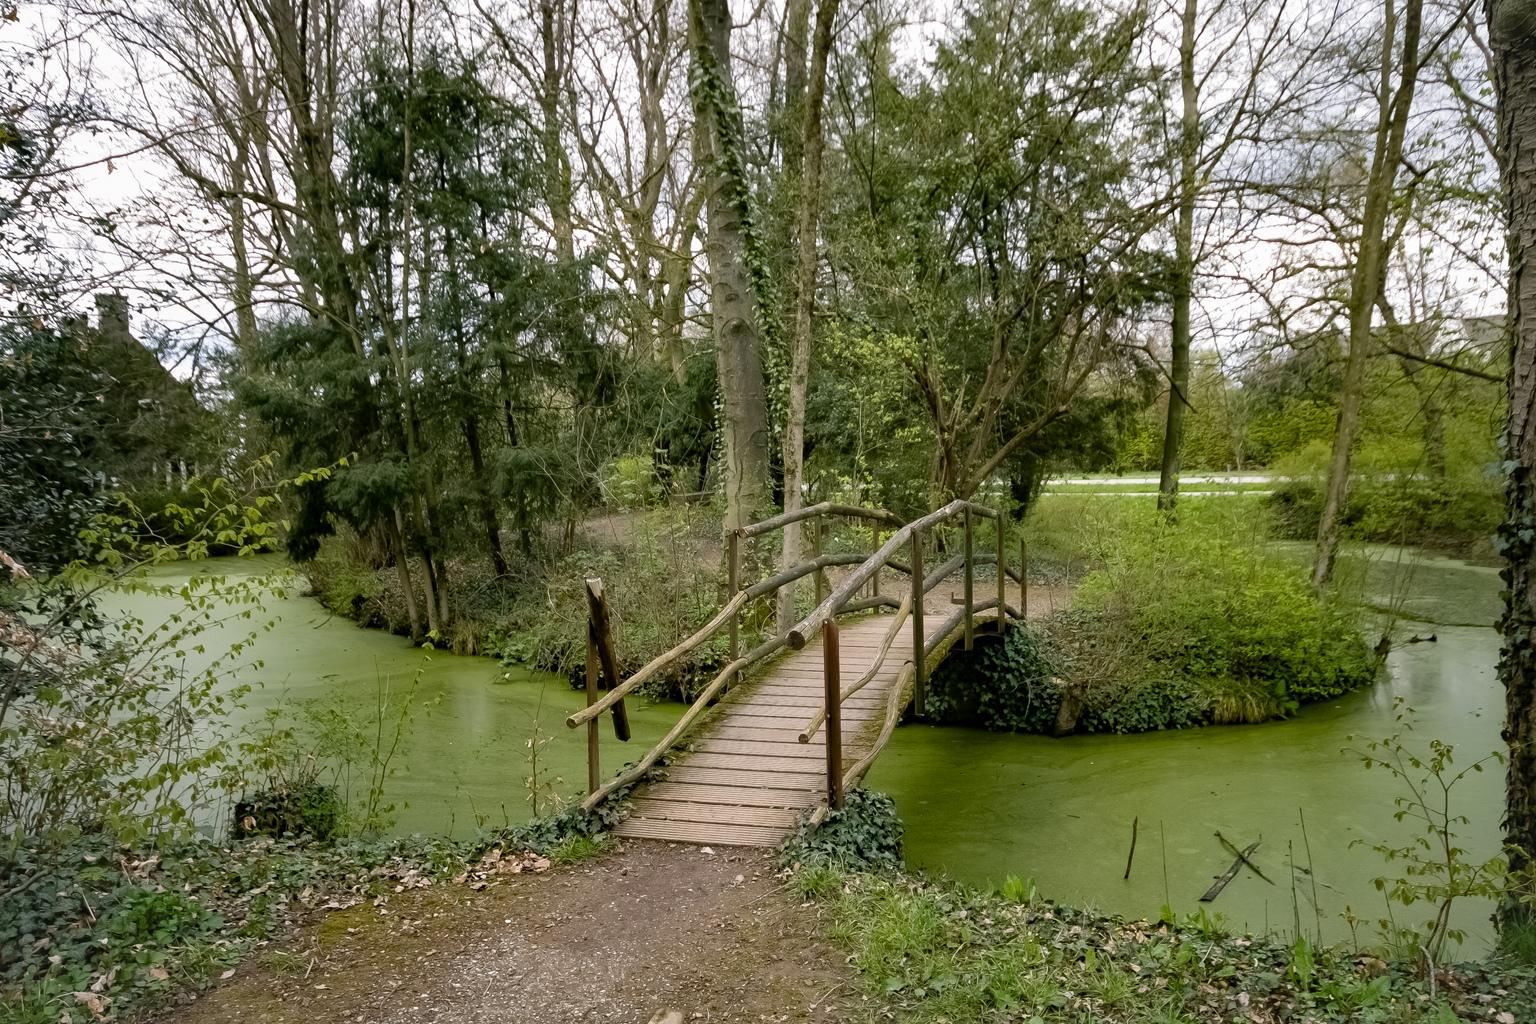 Oud bruggetje - Onverwachts ontdekte plekjes zijn het leukste! - foto door Judith van de Vecht op 15-04-2021 - deze foto bevat: water, fabriek, boom, natuurlijk landschap, fluviatiele landvormen van beken, vegetatie, lucht, gras, oeverzone, landschap